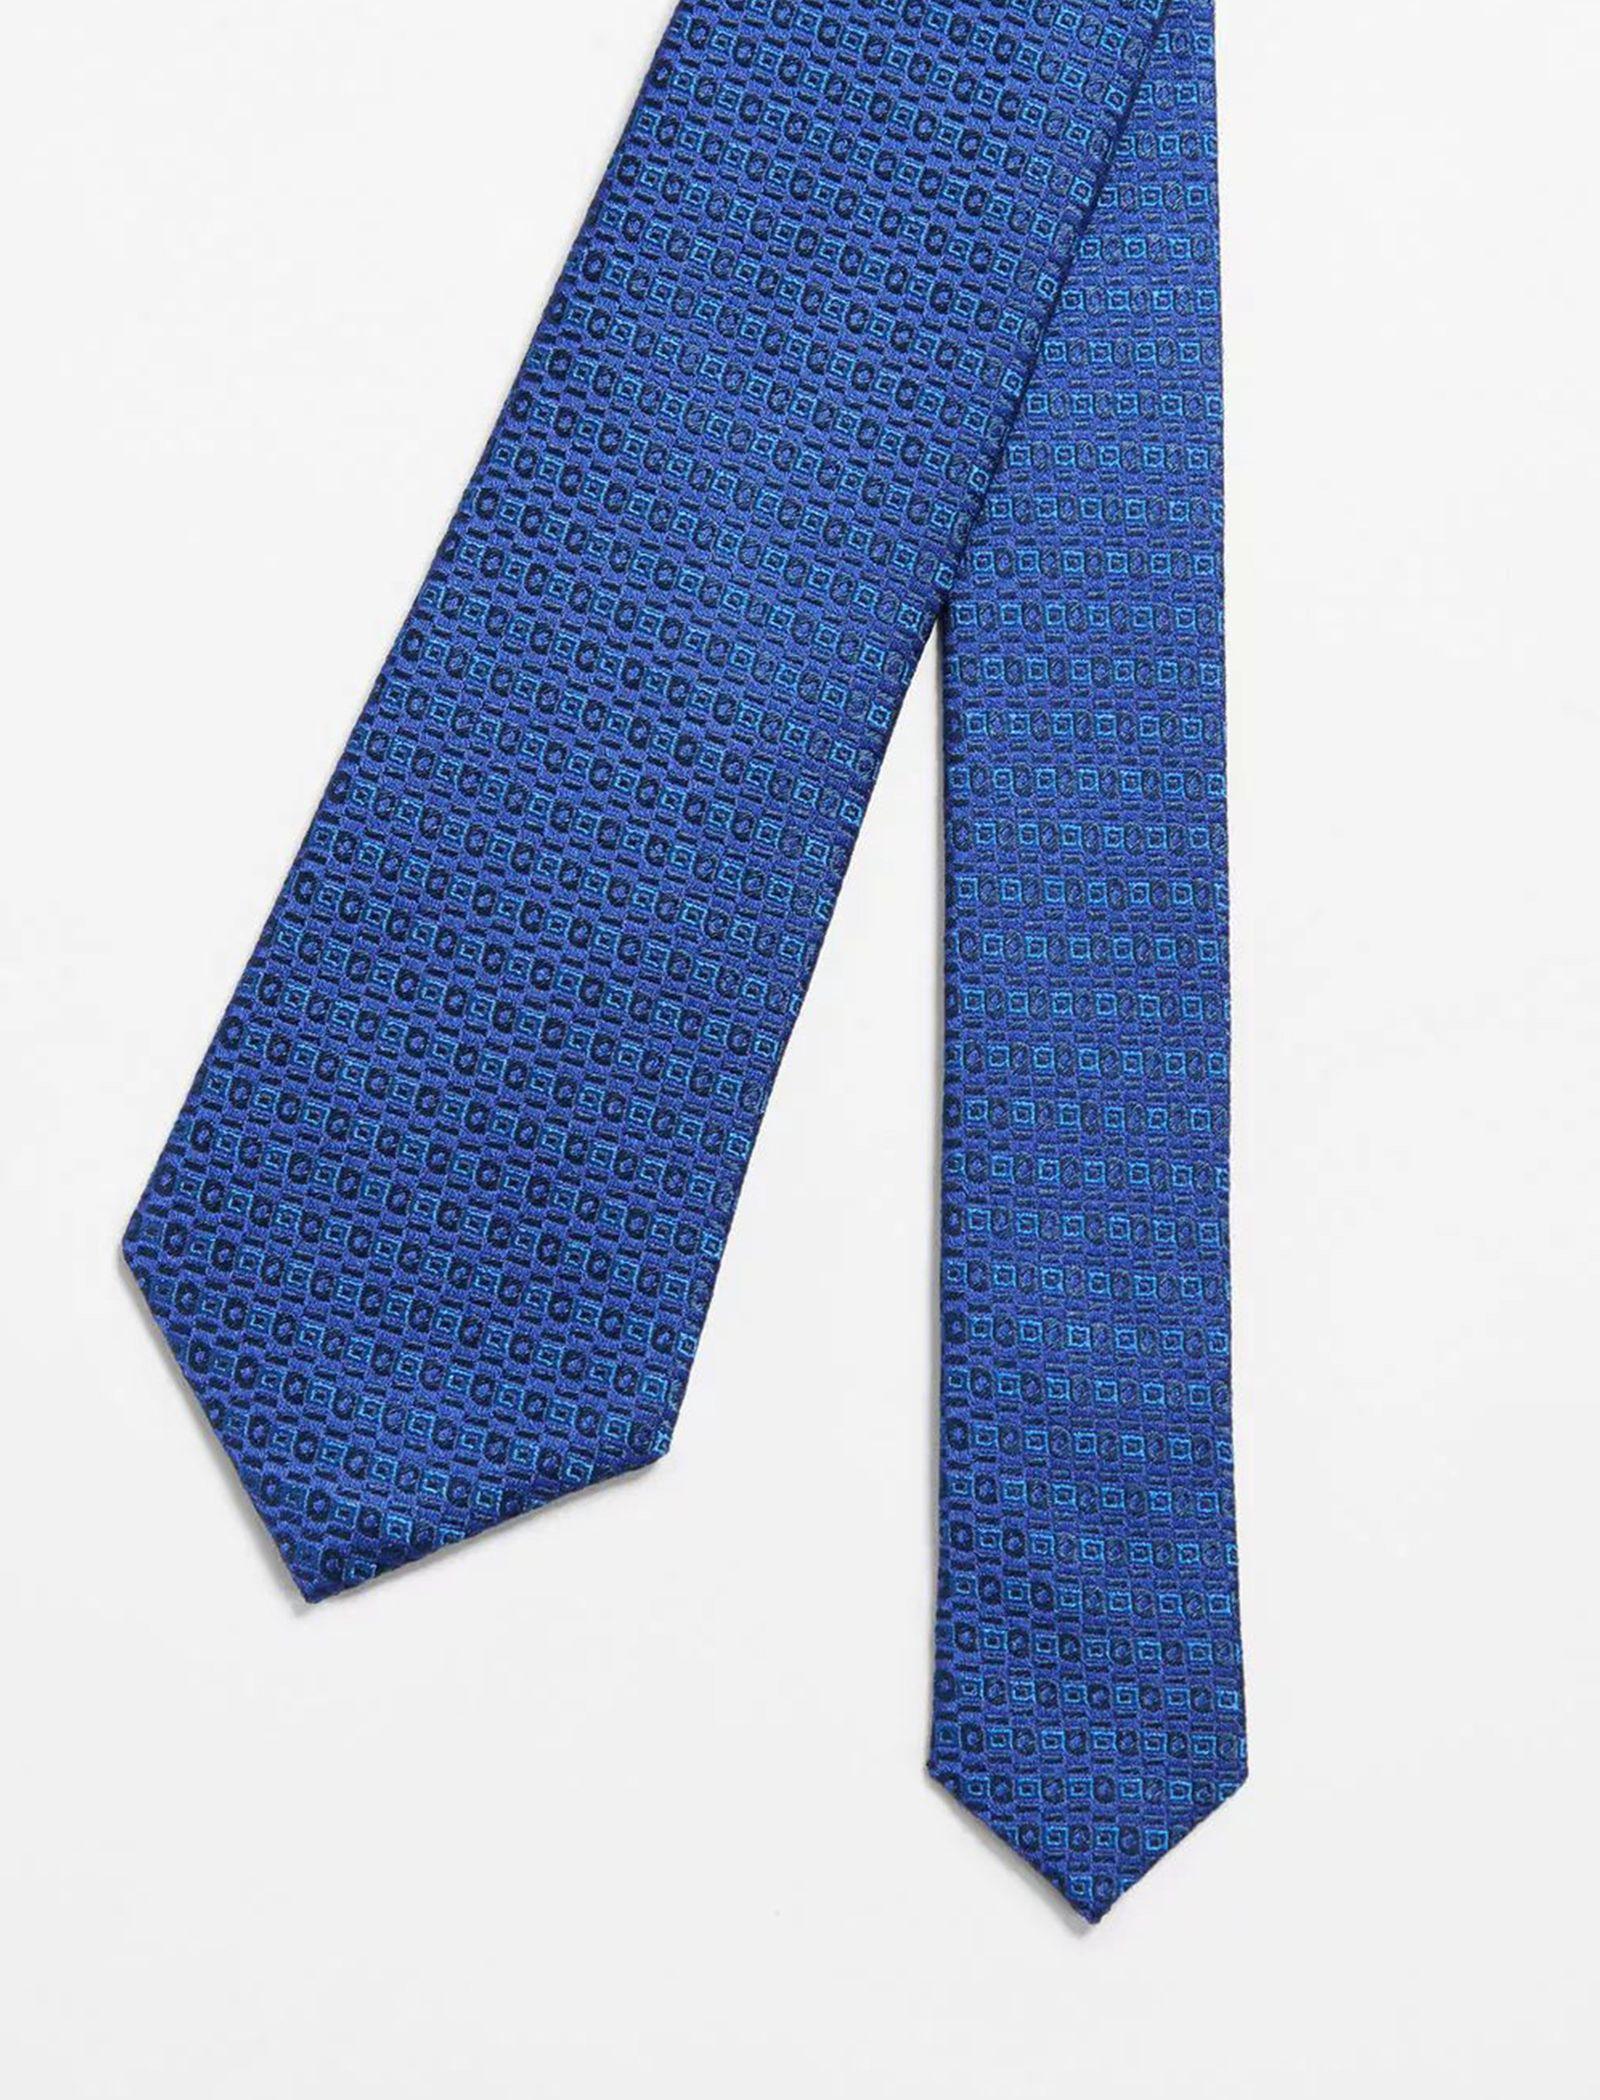 کراوات ابریشم طرح دار مردانه - مانگو - سرمه اي - 3